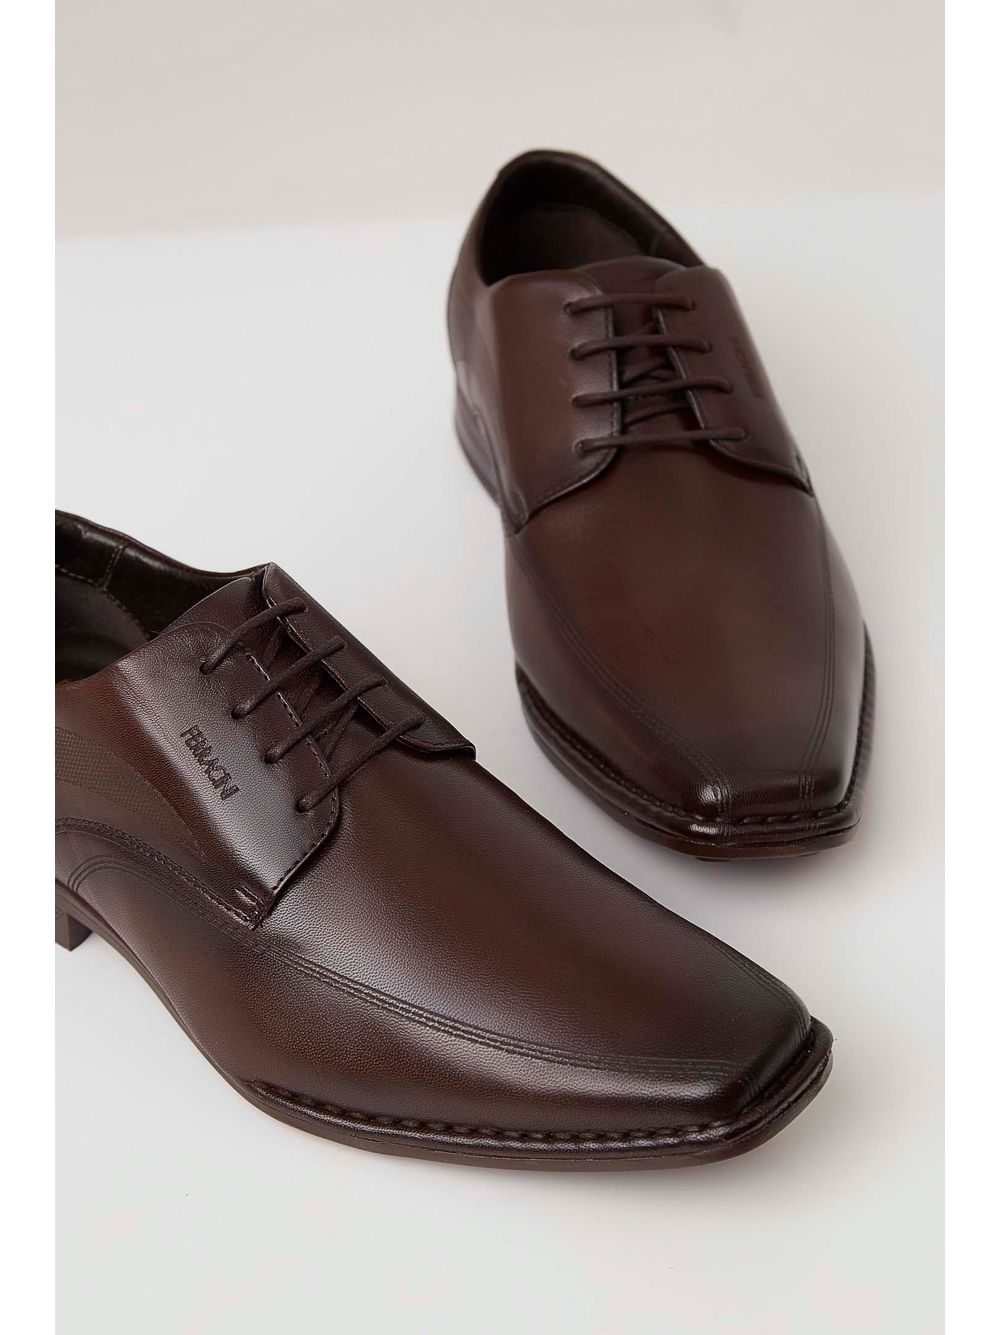 cf997d9329 Sapato Ferracini Casual Couro Masculino Marrom - pittol